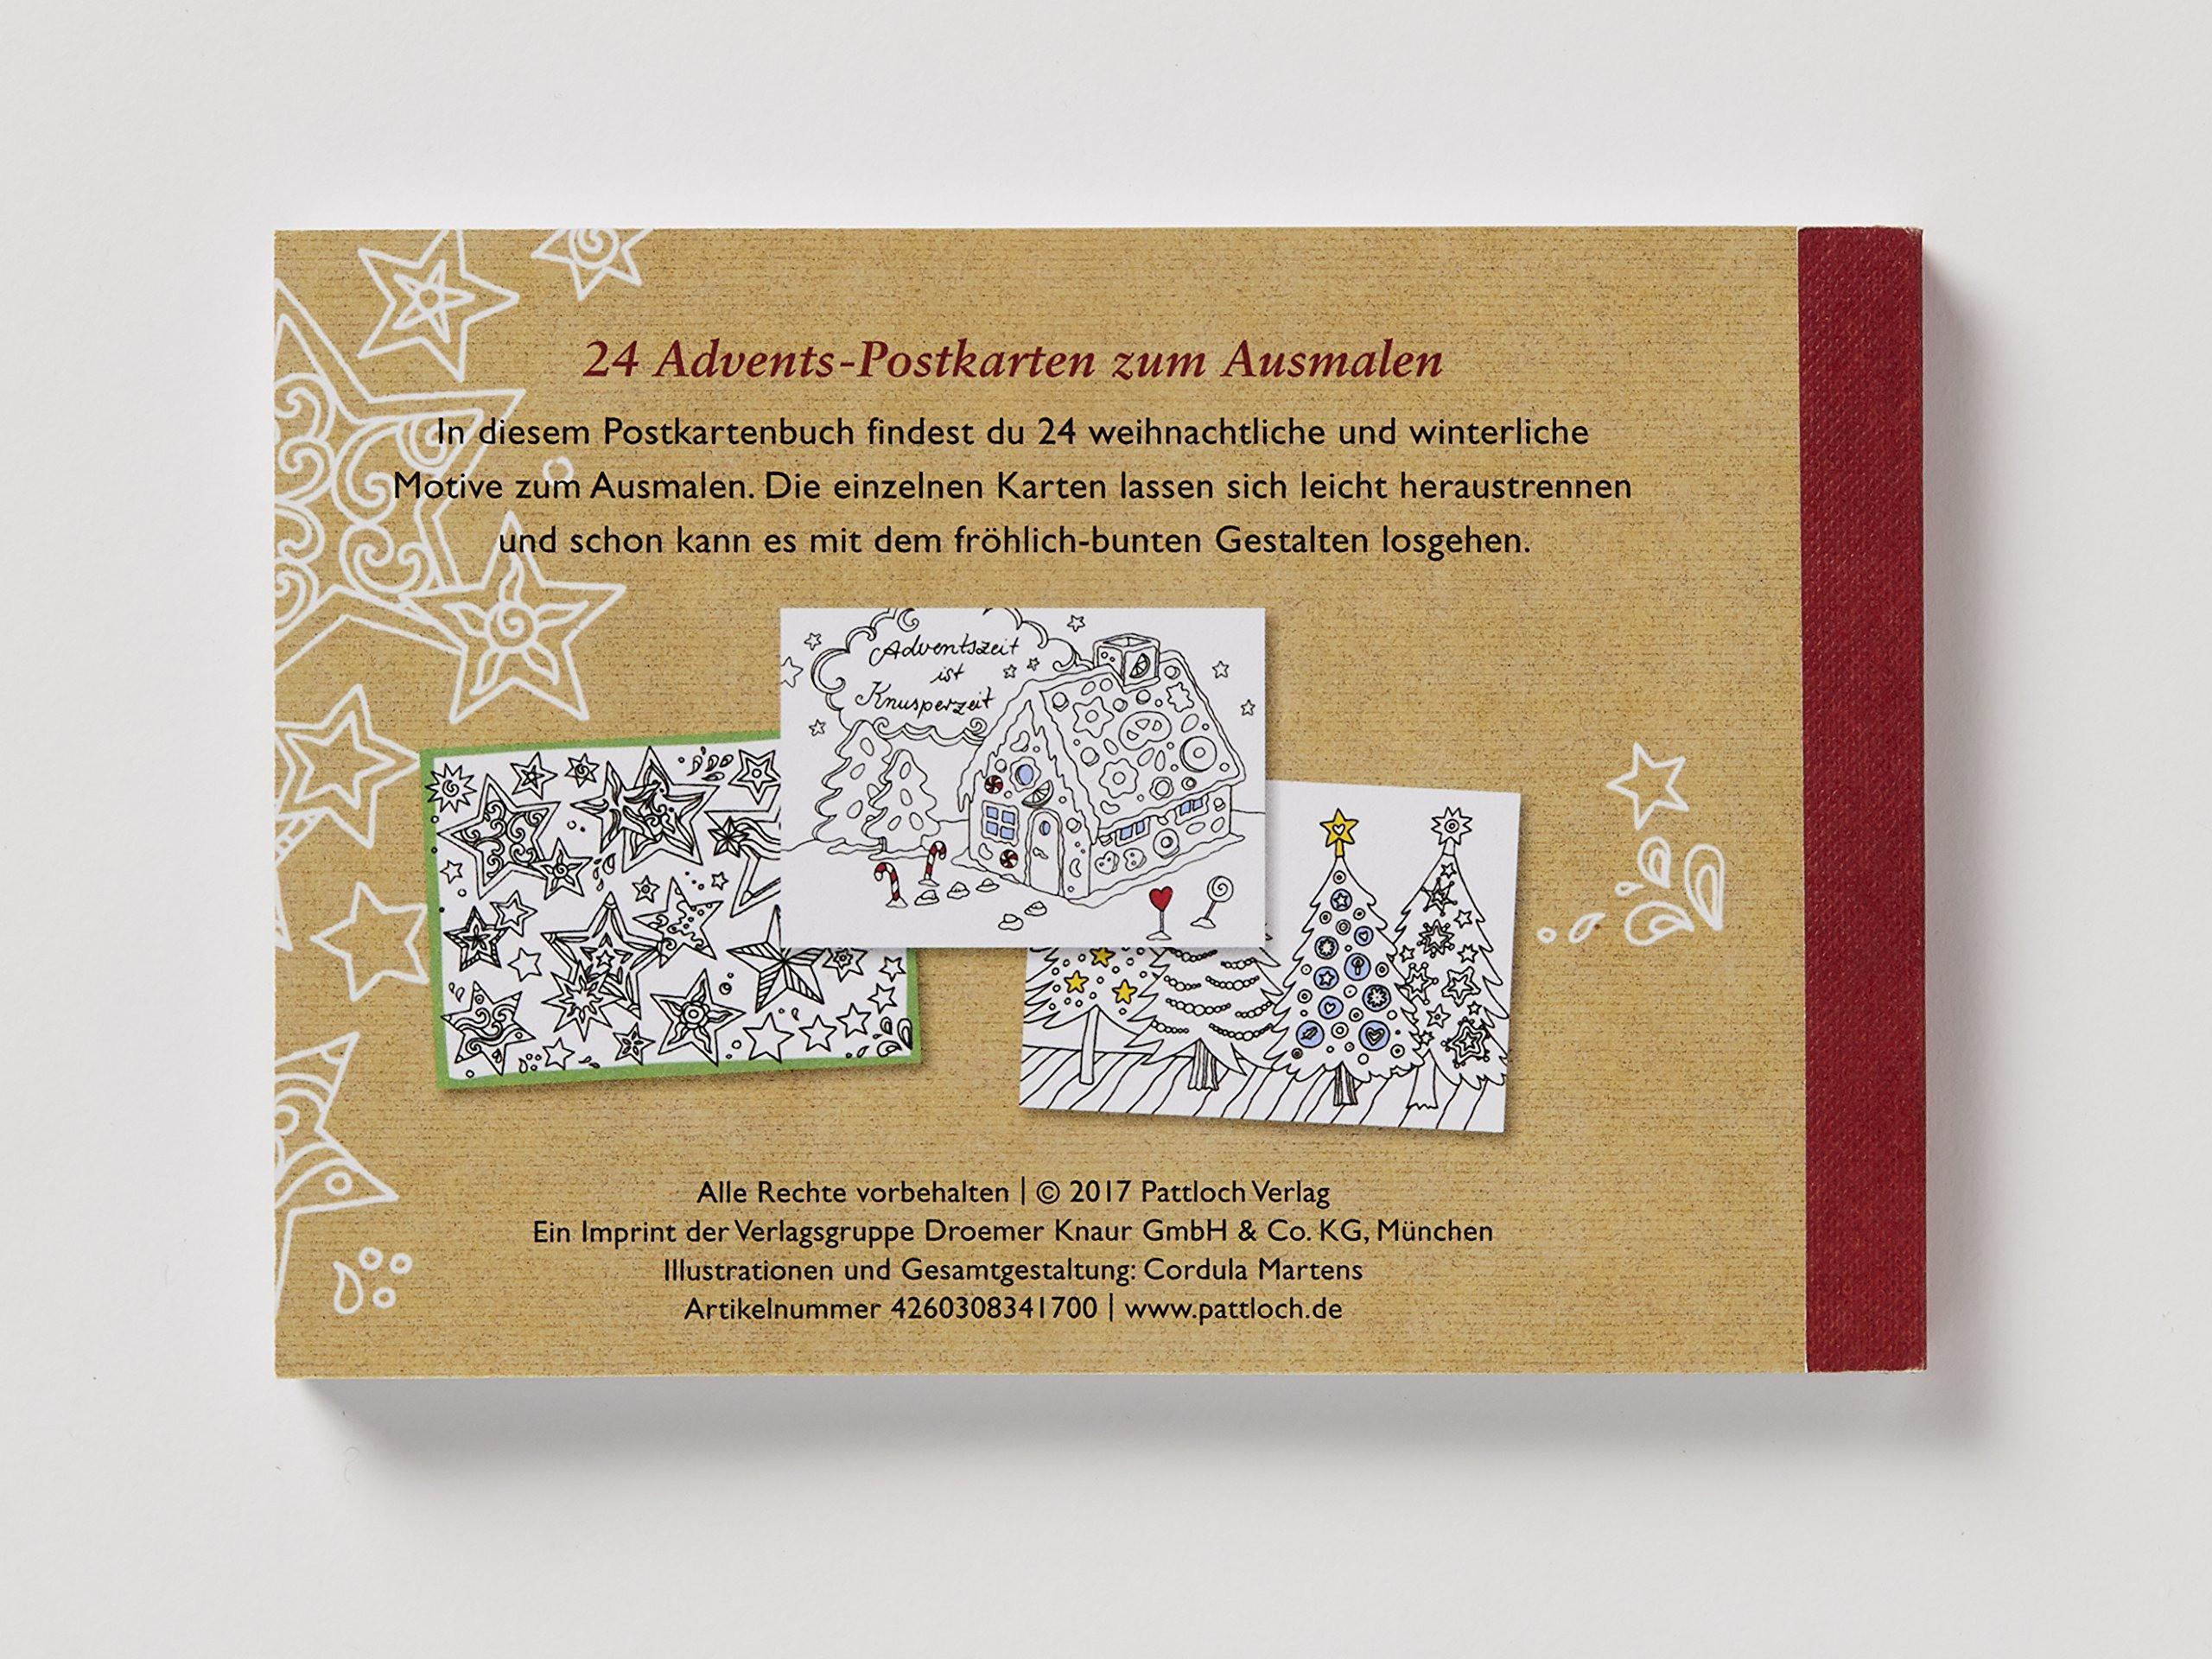 10 Plagen Ausmalbilder Neu Mein Adventszauber 24 Postkarten Zum Ausmalen Amazon Cordula Genial Stock